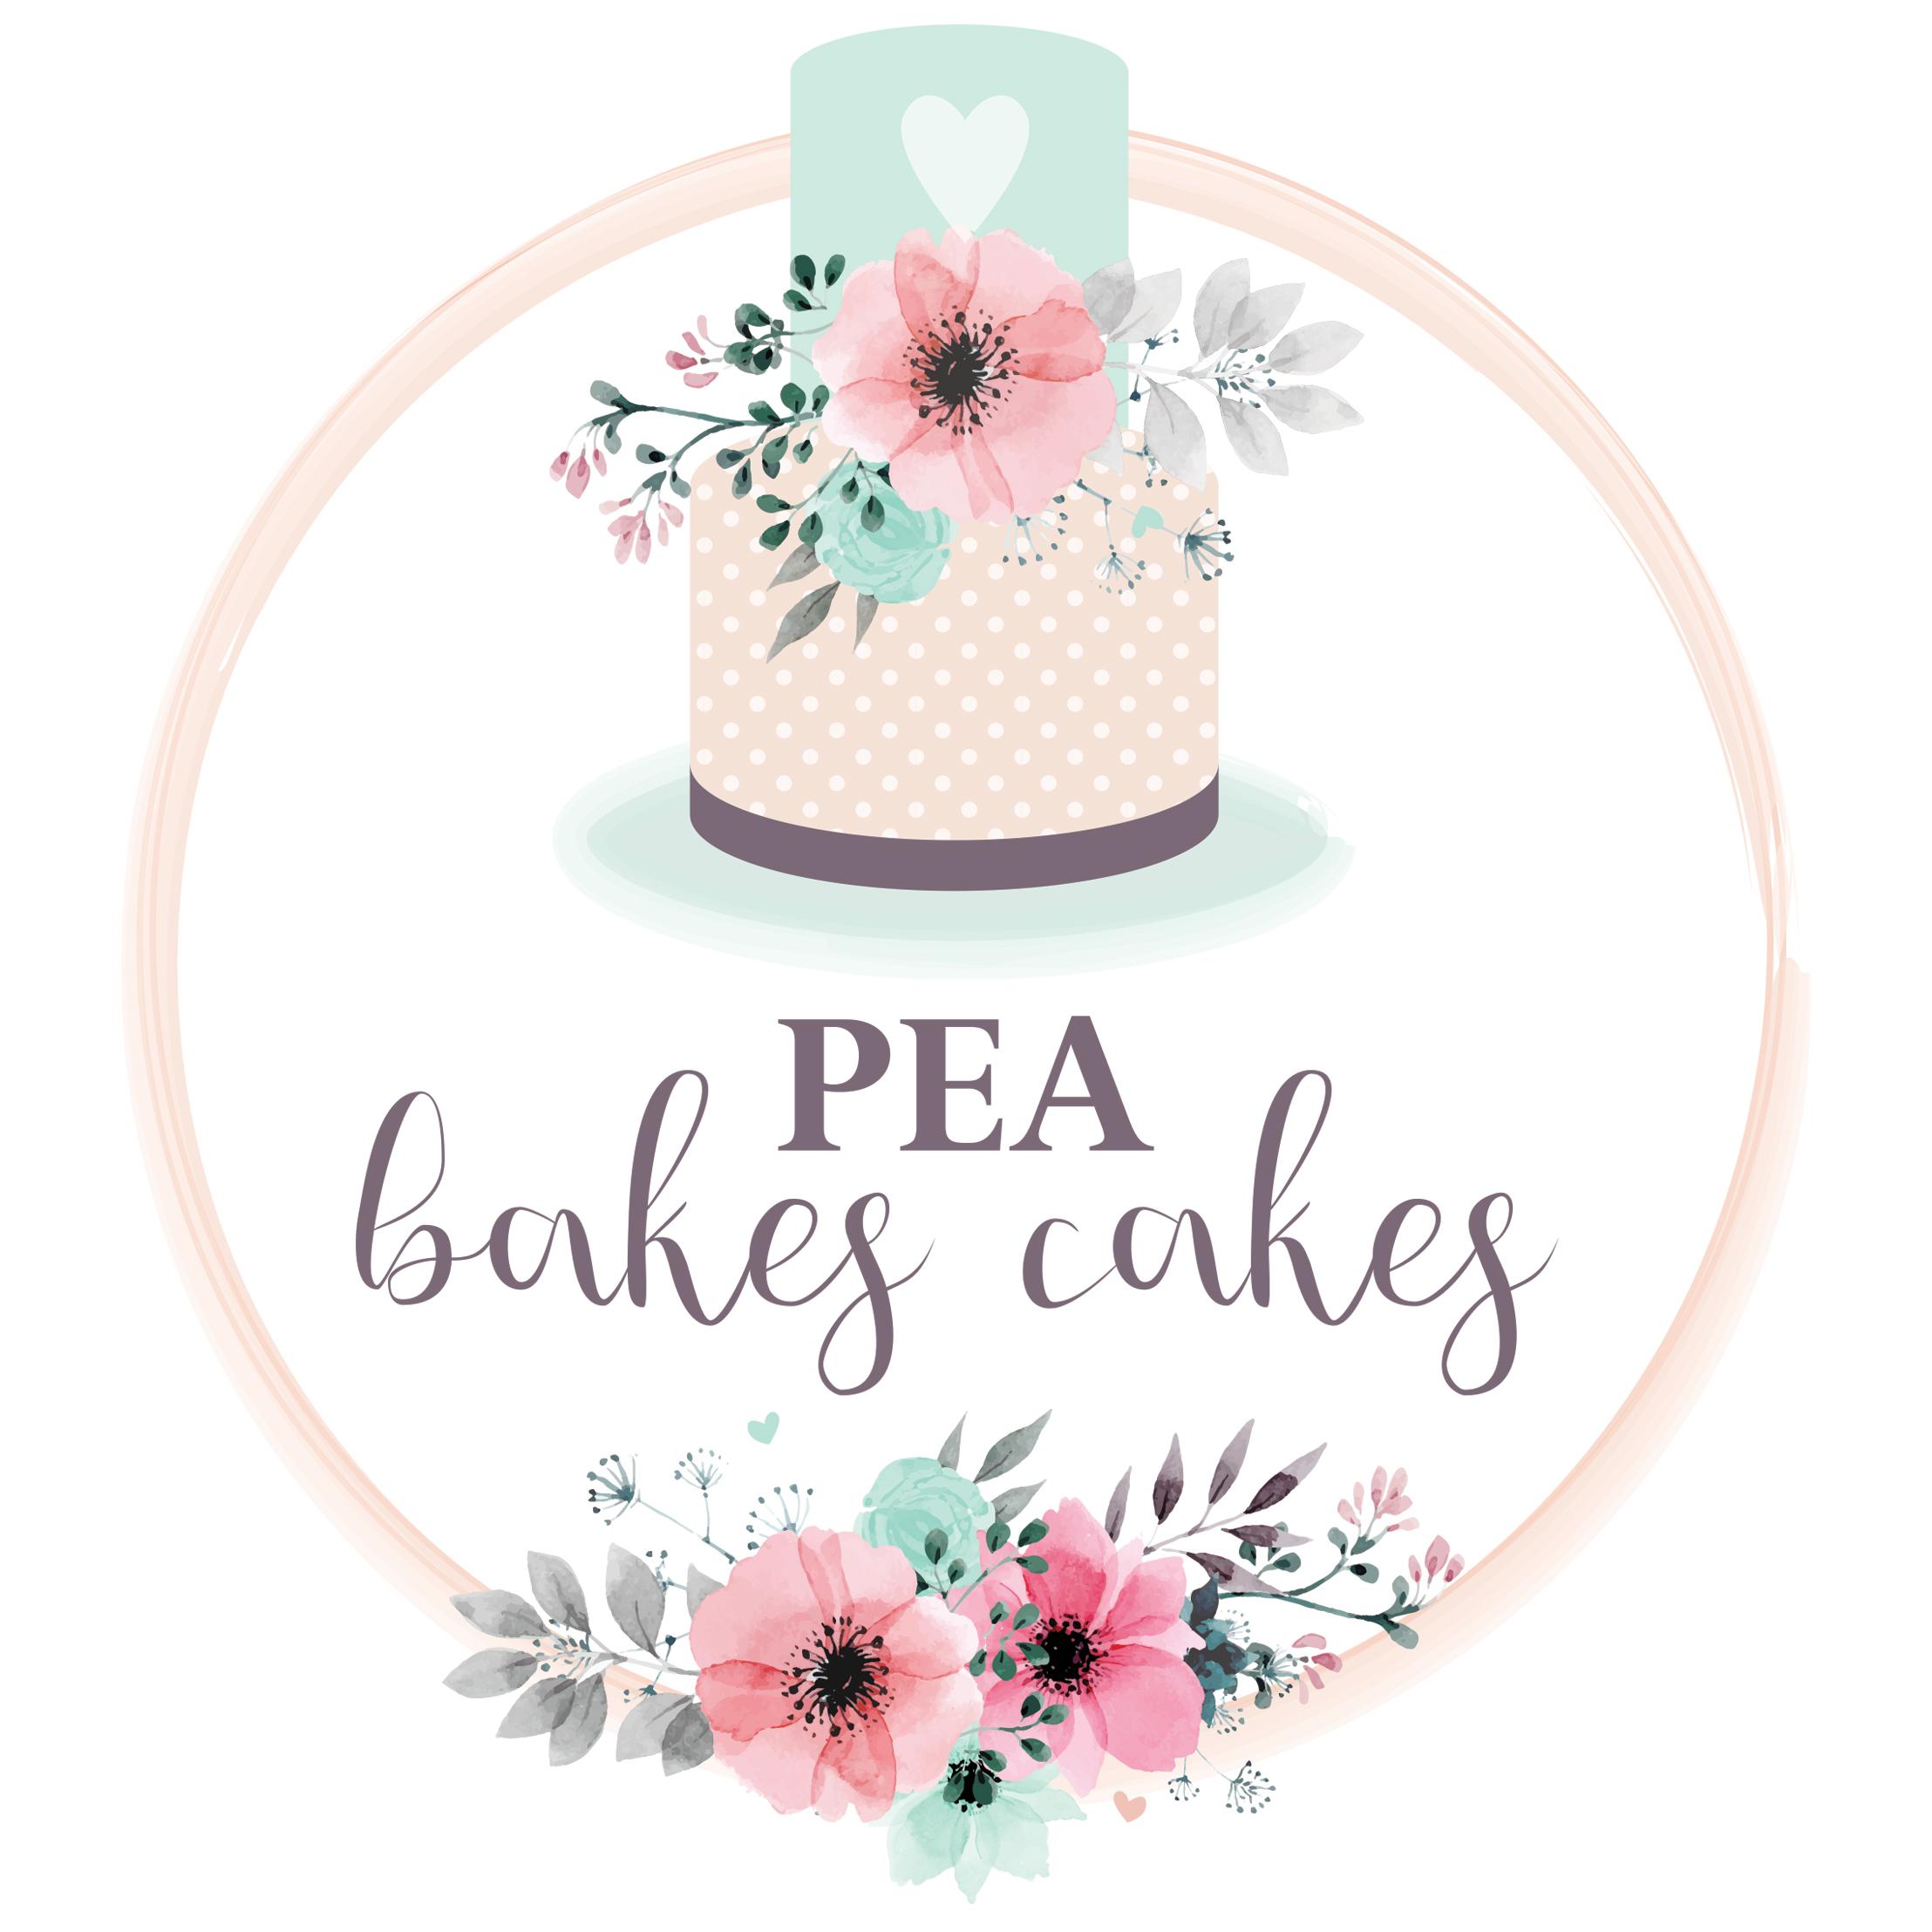 Pea bakes cakes